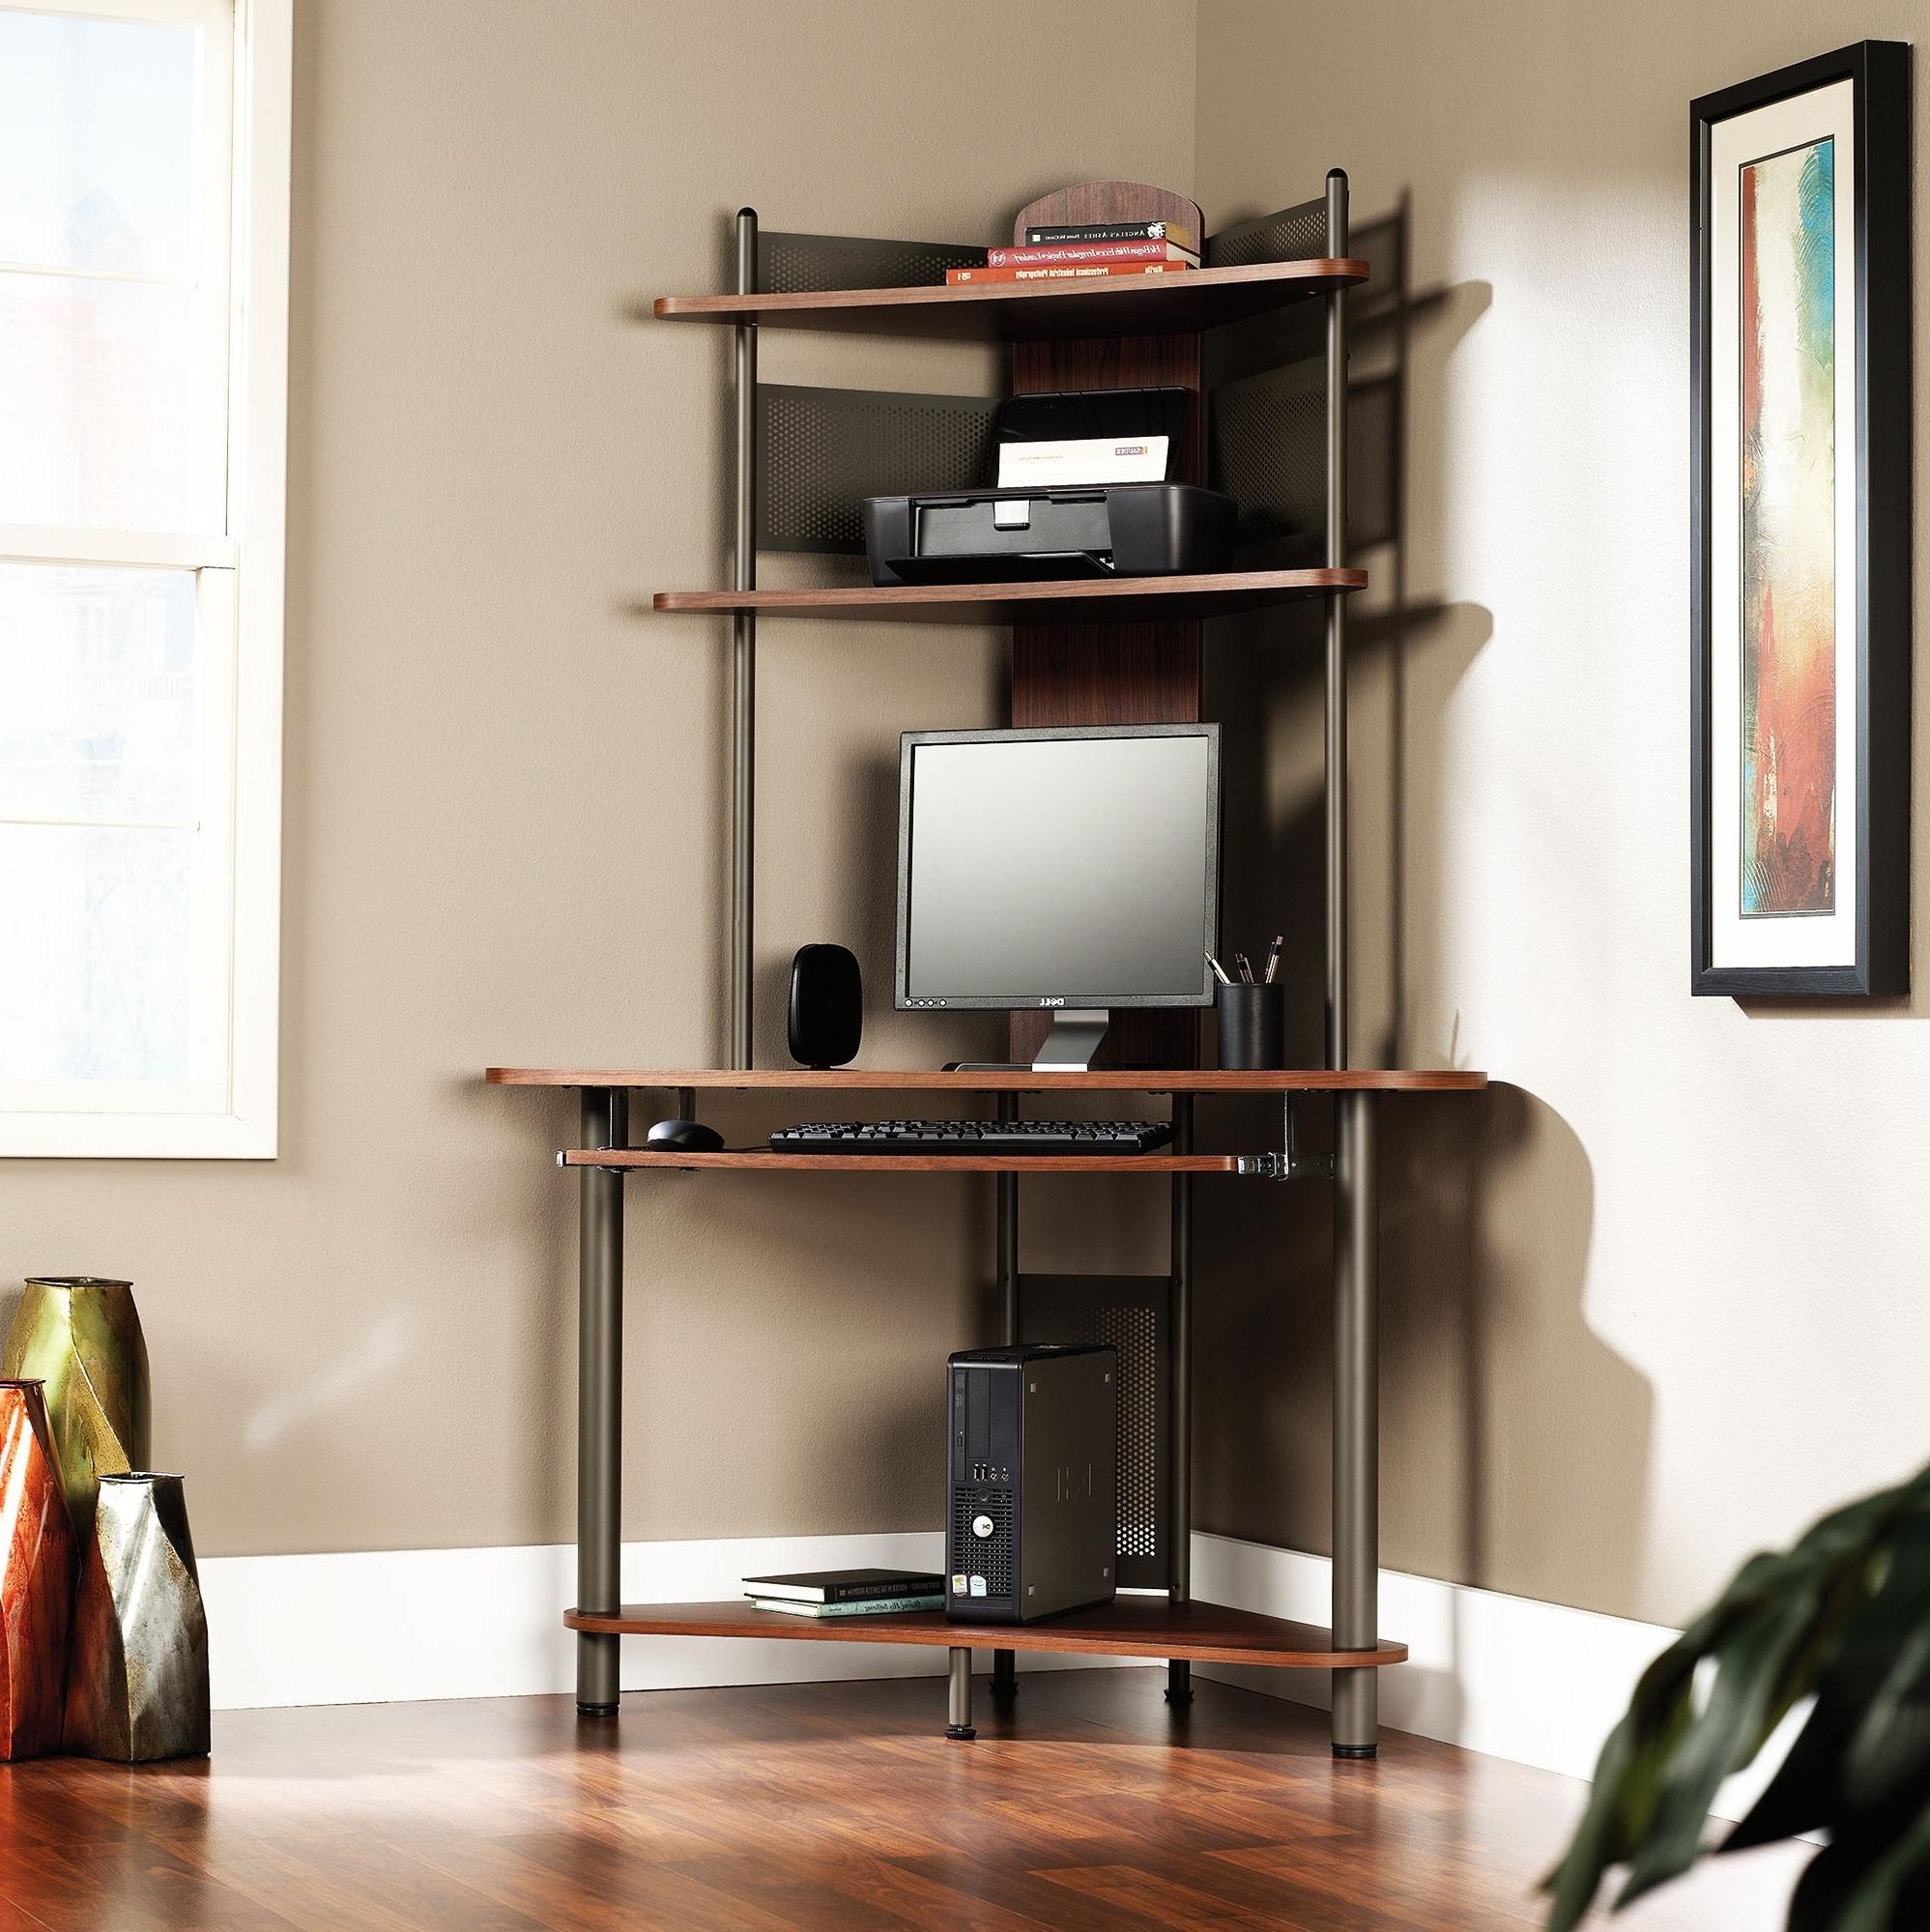 Computer Desks With Printer Shelf Regarding Recent Corner Computer Desk With Printer Shelf • Shelves (View 5 of 20)